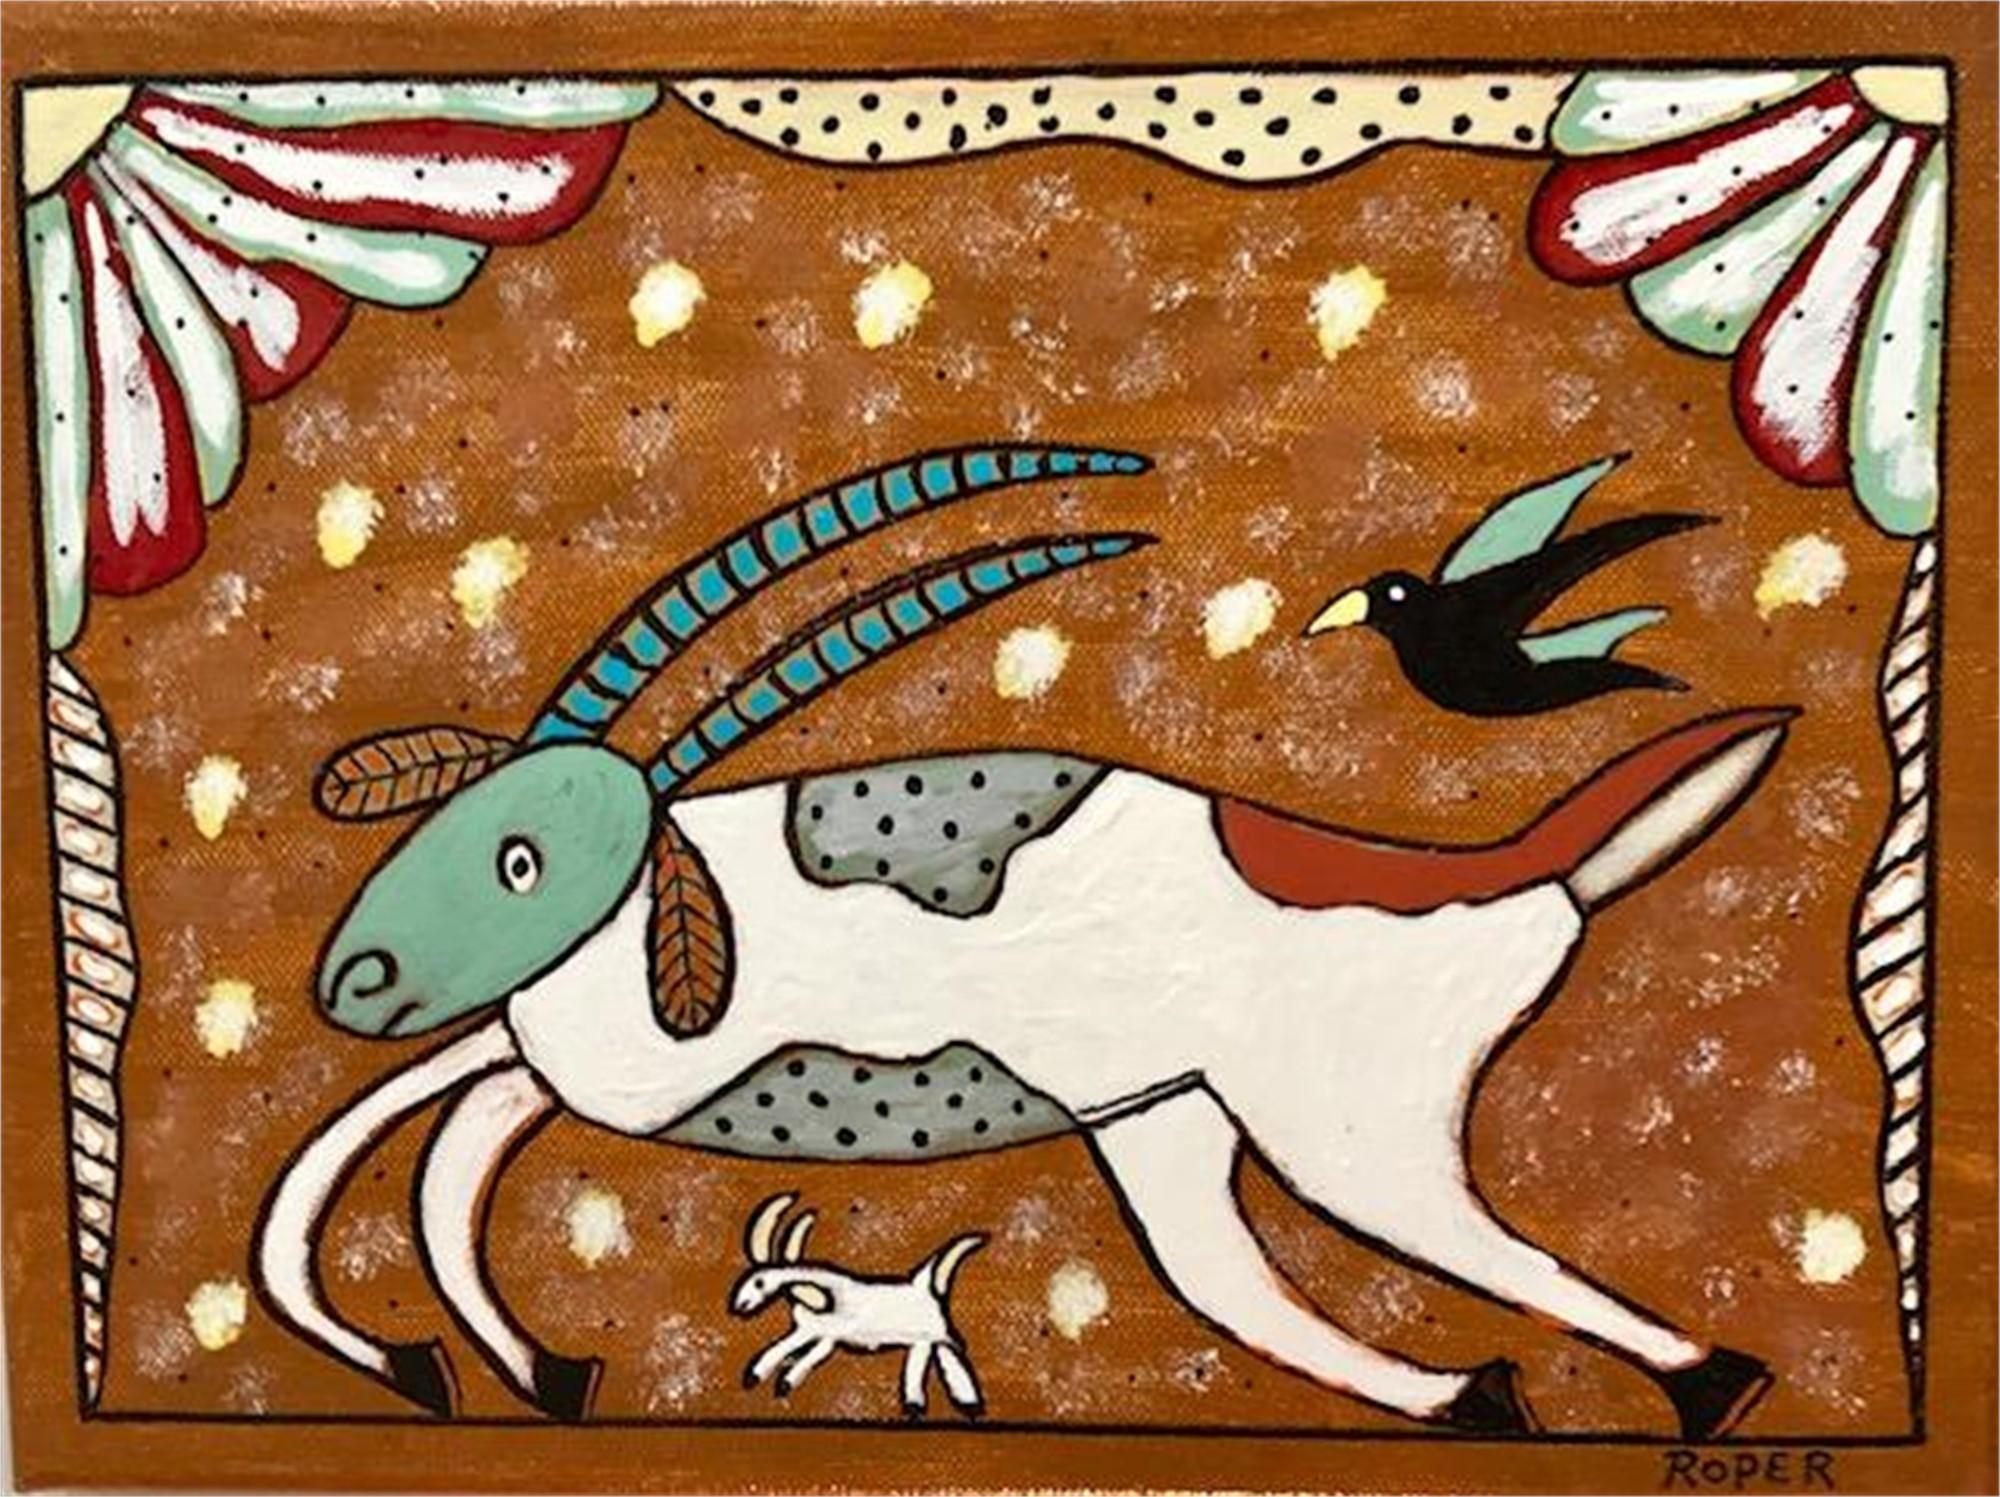 Running Goat by Billy Roper